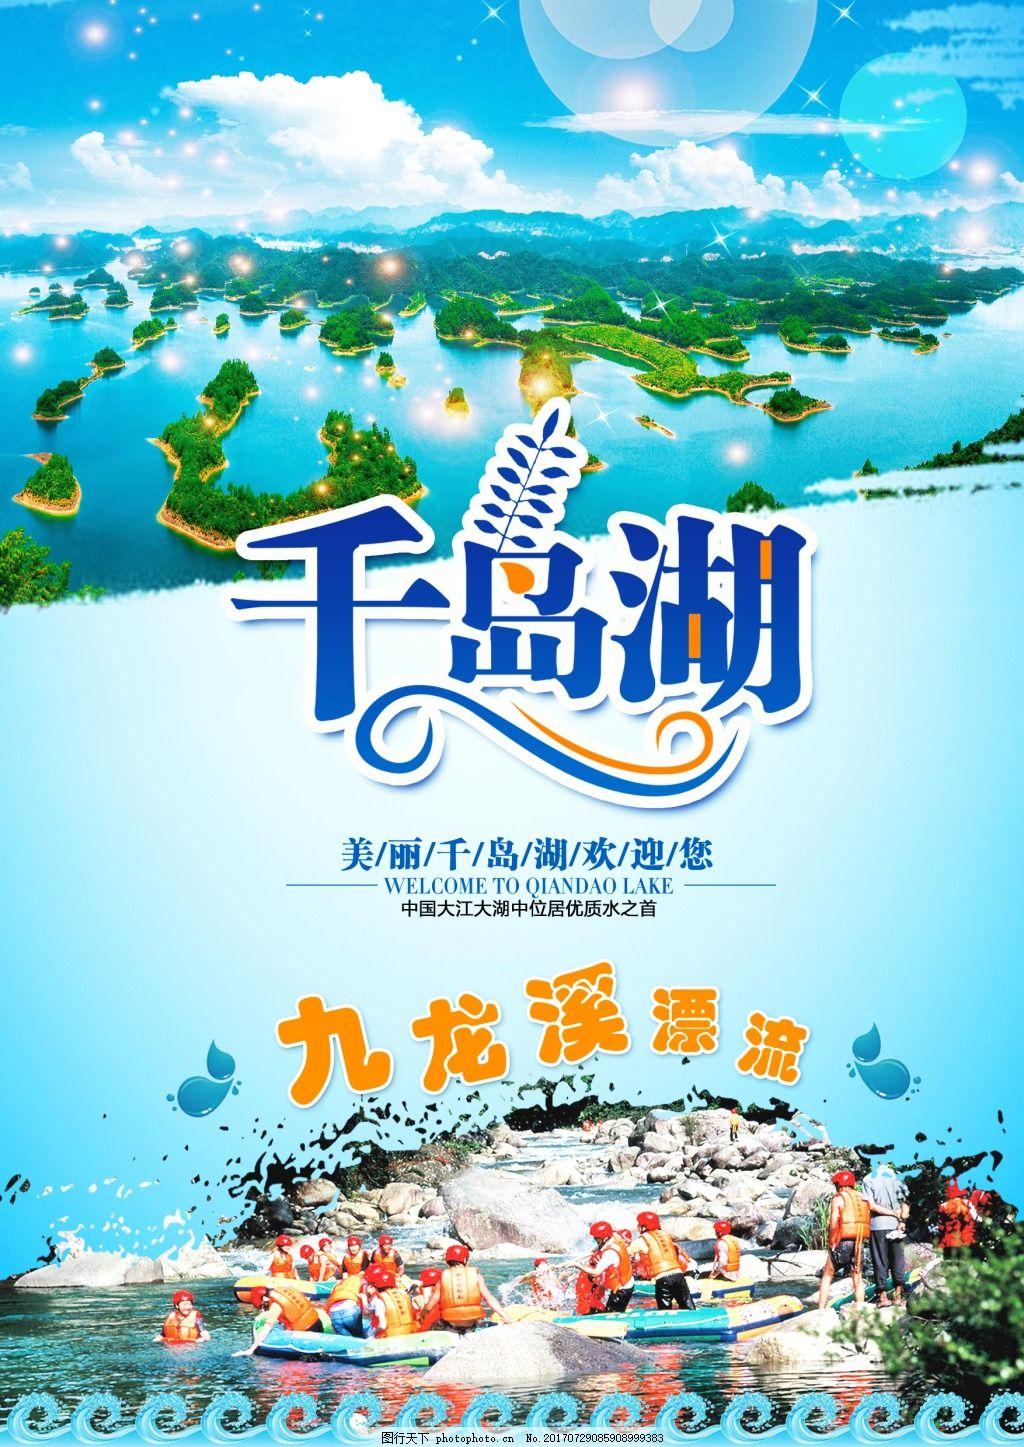 千岛湖海报 九龙溪 漂流 旅游 蓝色 水 国内游 清爽 夏天